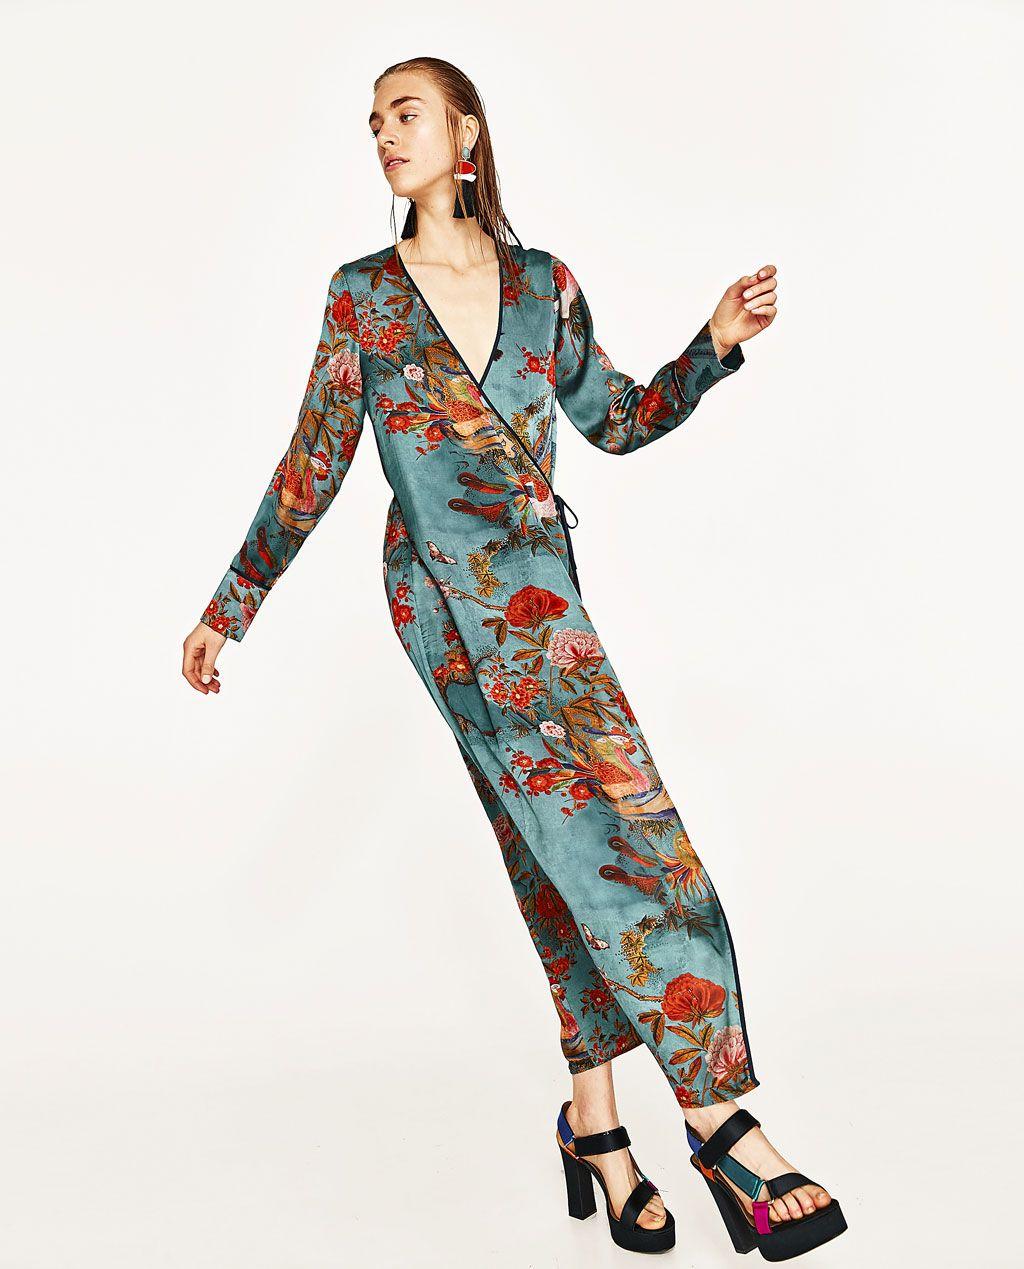 nuovo concetto 5818f a1667 VESTITO KIMONO STAMPATO | look per me | Vestito kimono ...